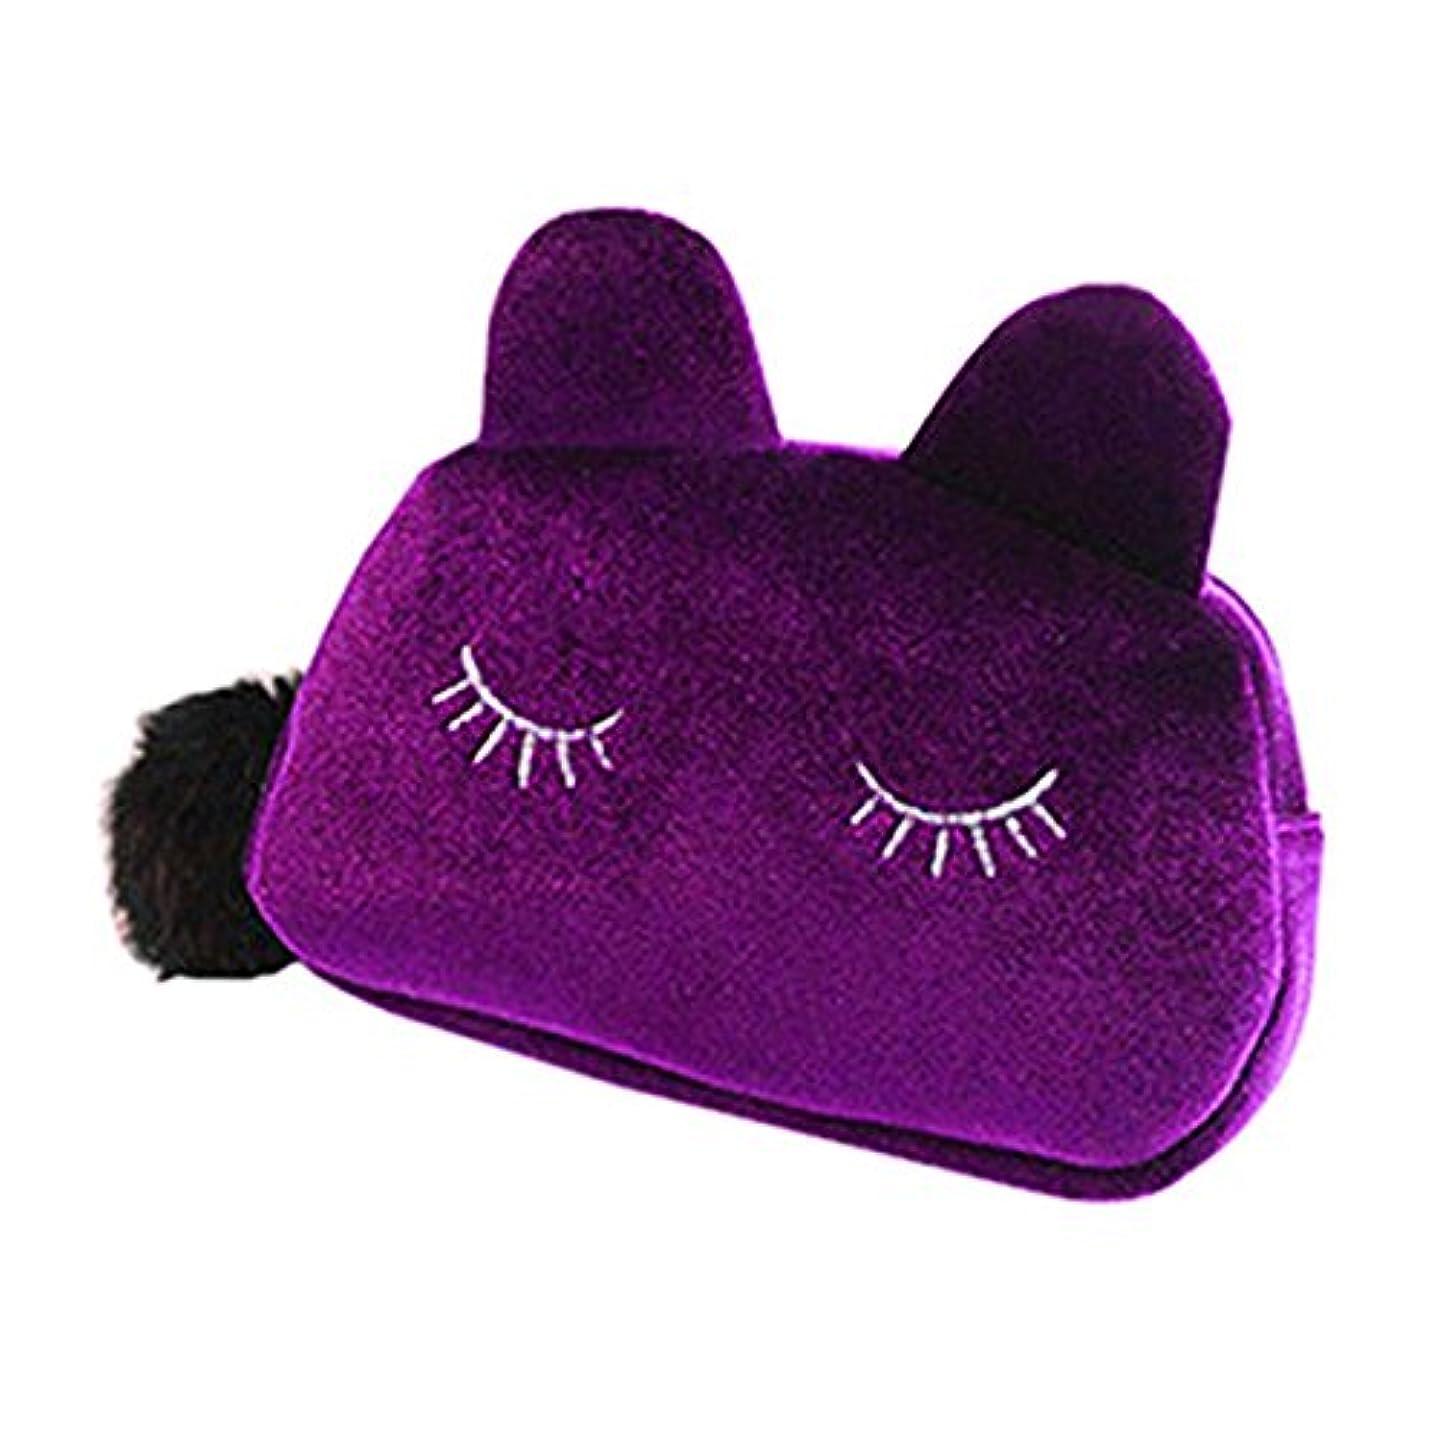 ブロー海外意図猫 化粧ポーチ バニティベロア ポンポン付き パープル